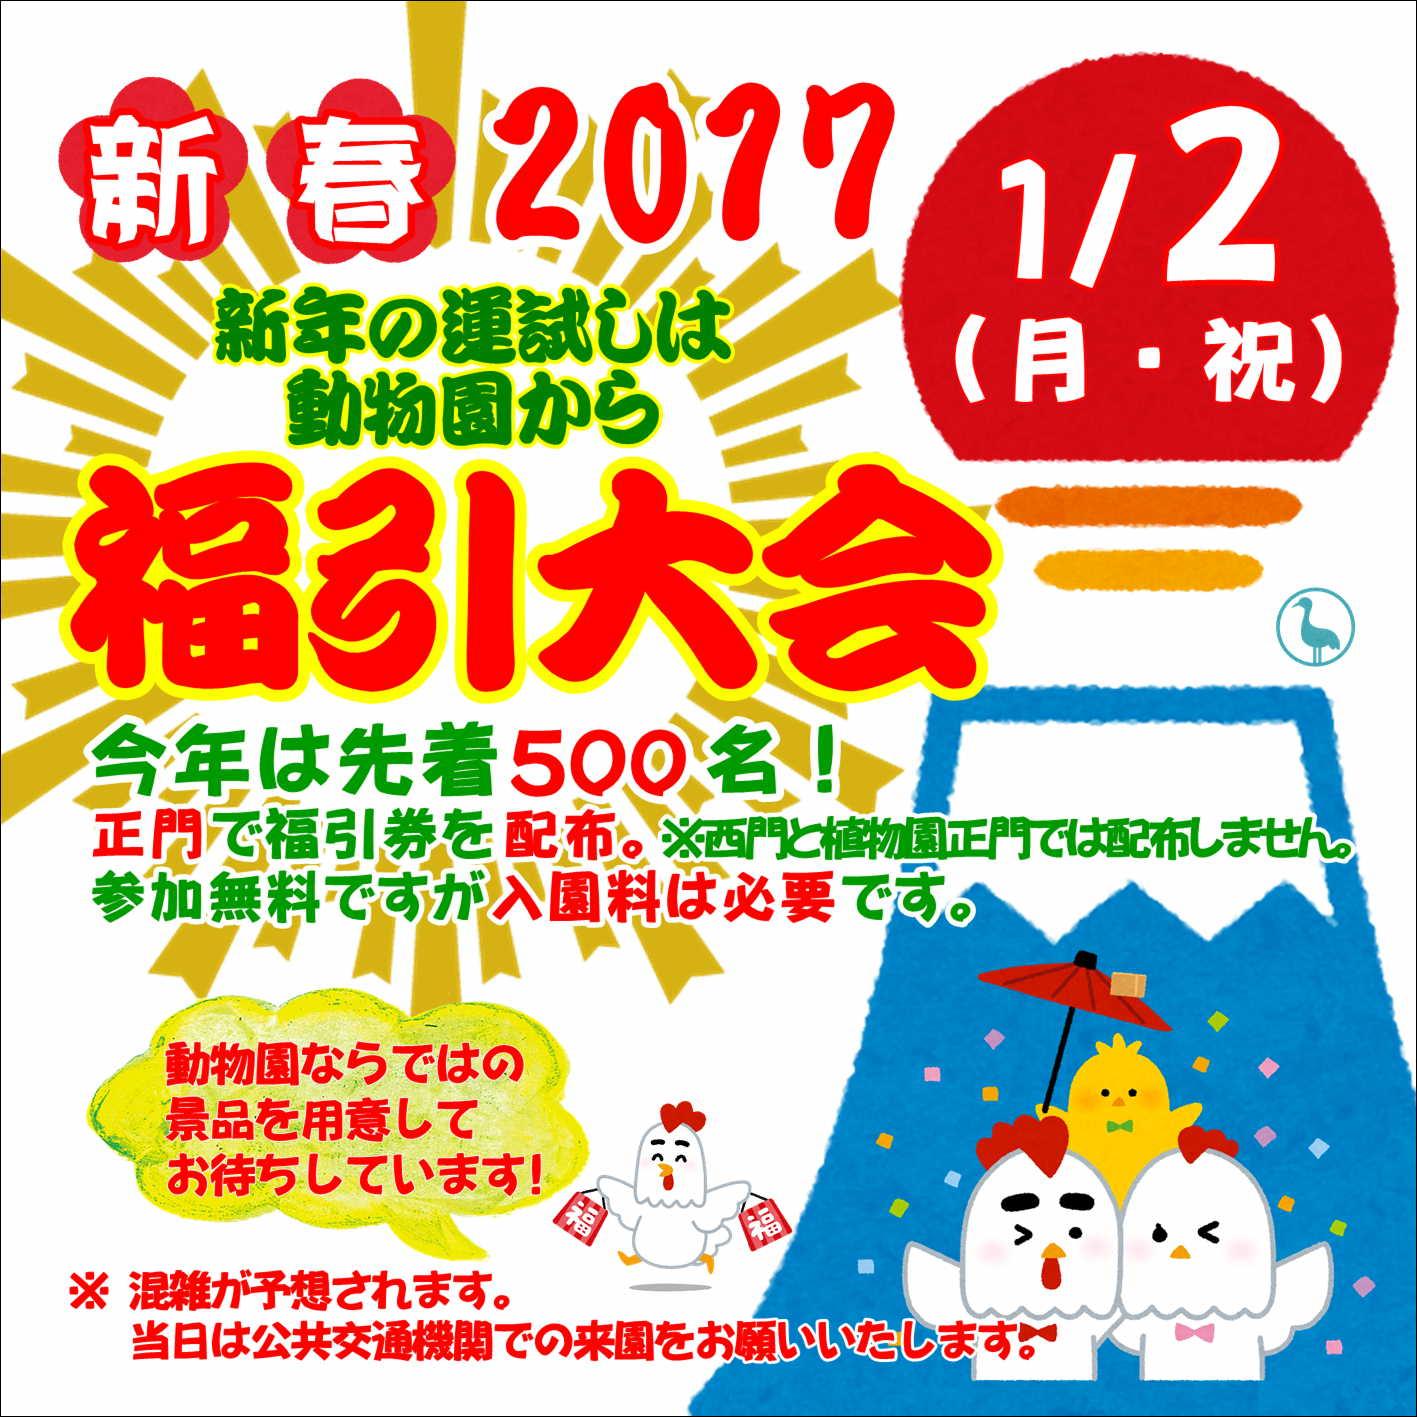 福岡市動物園|新春福引大会